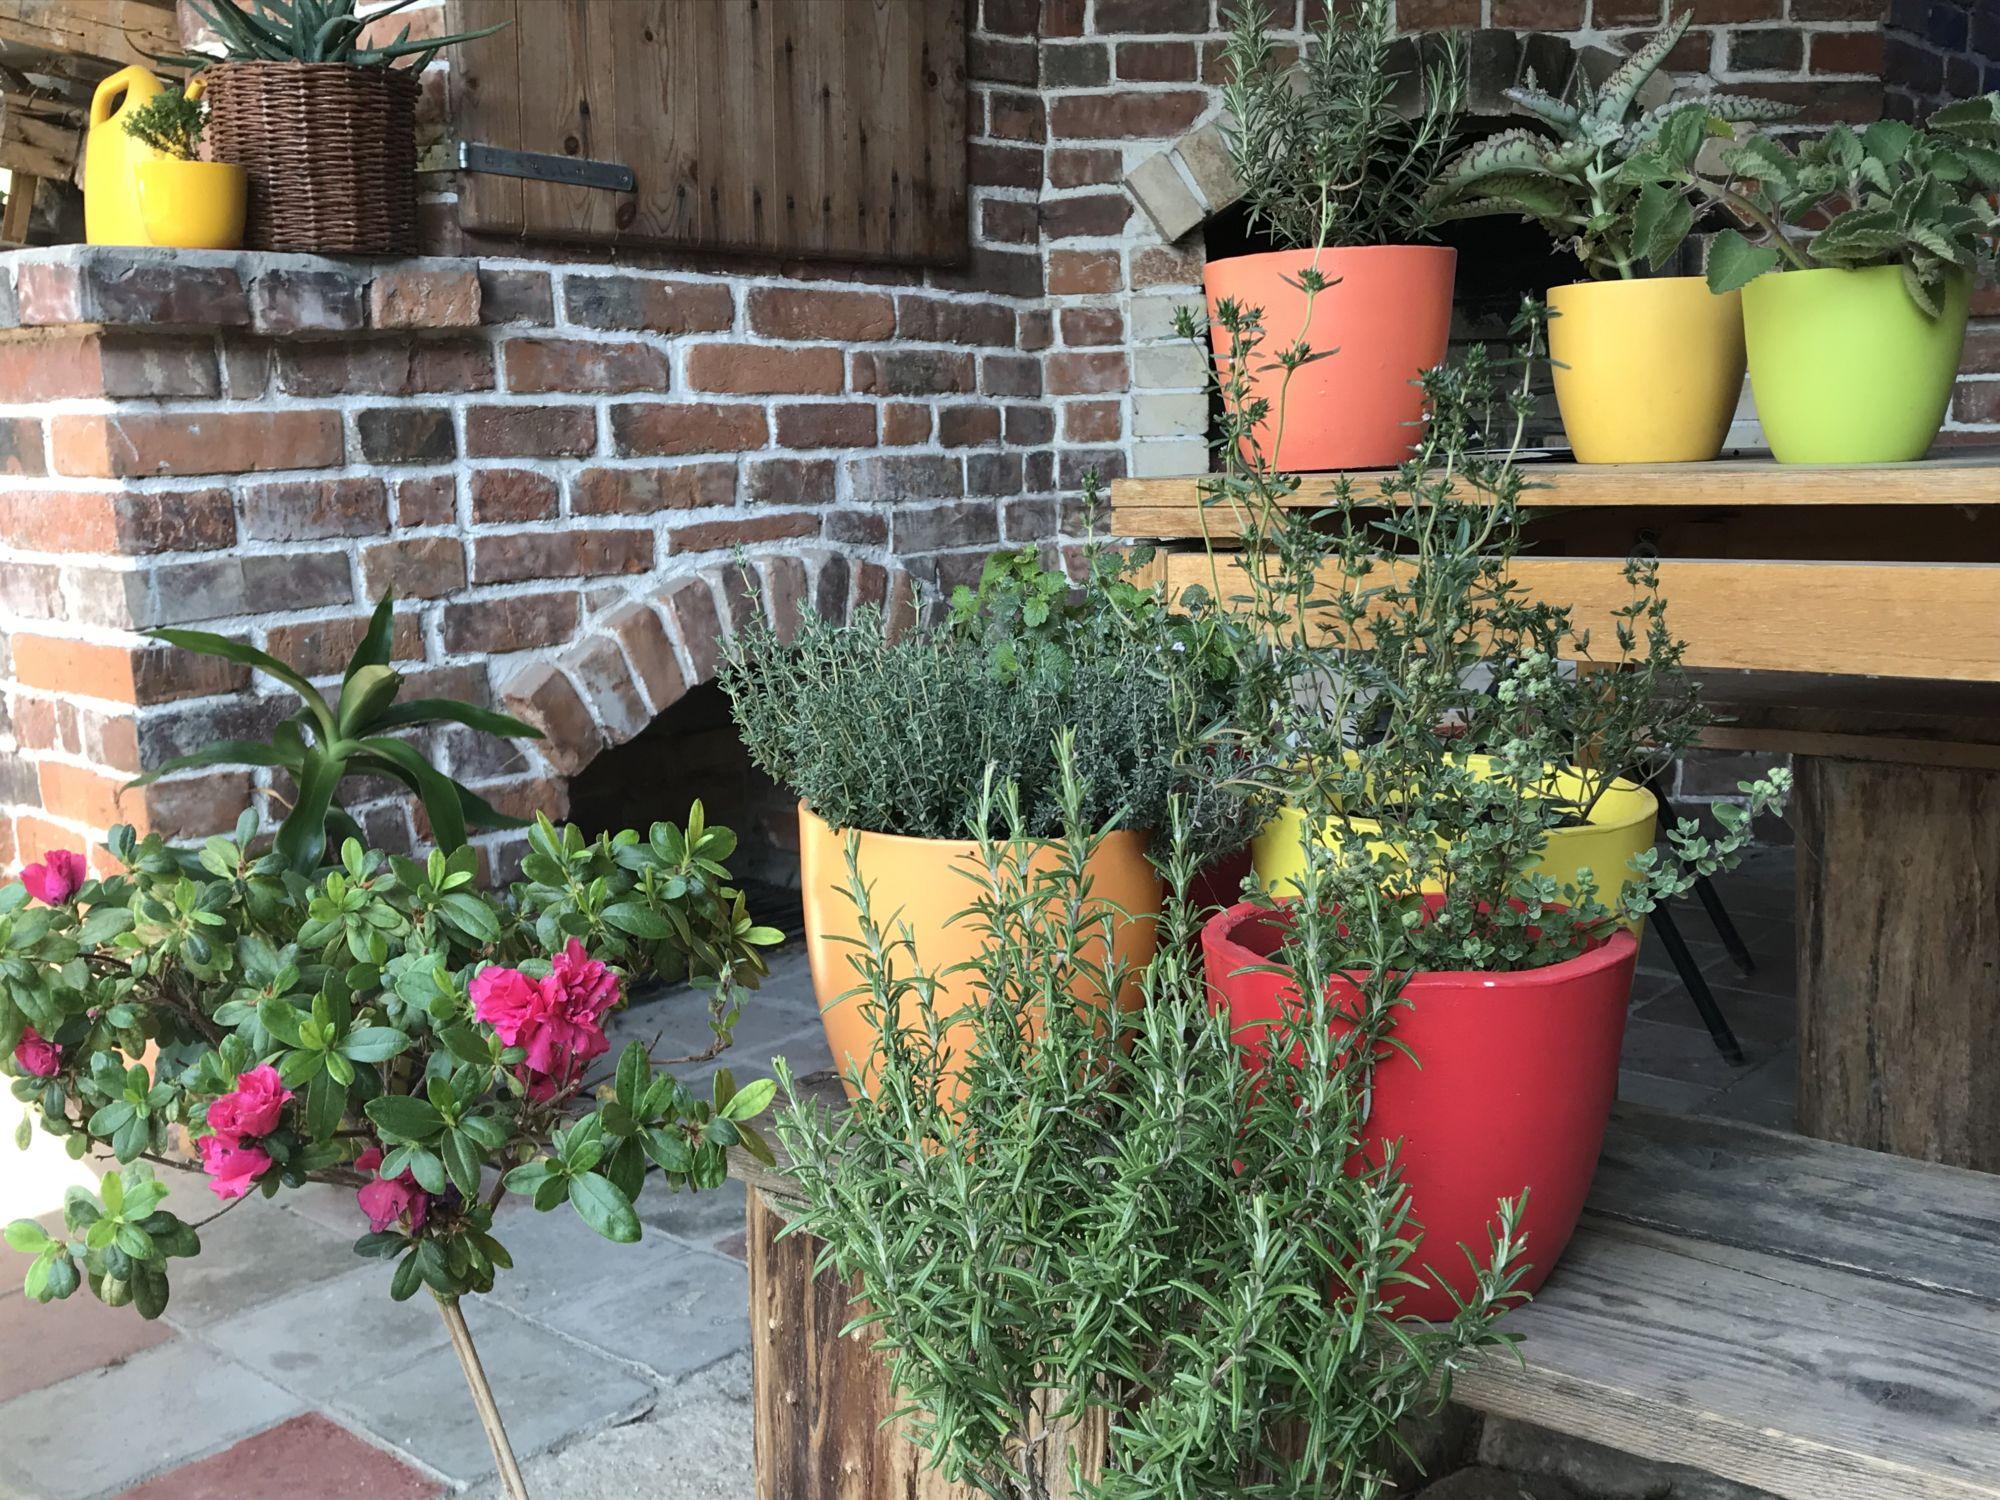 Kurz - Pěstování bylinek vnádobách